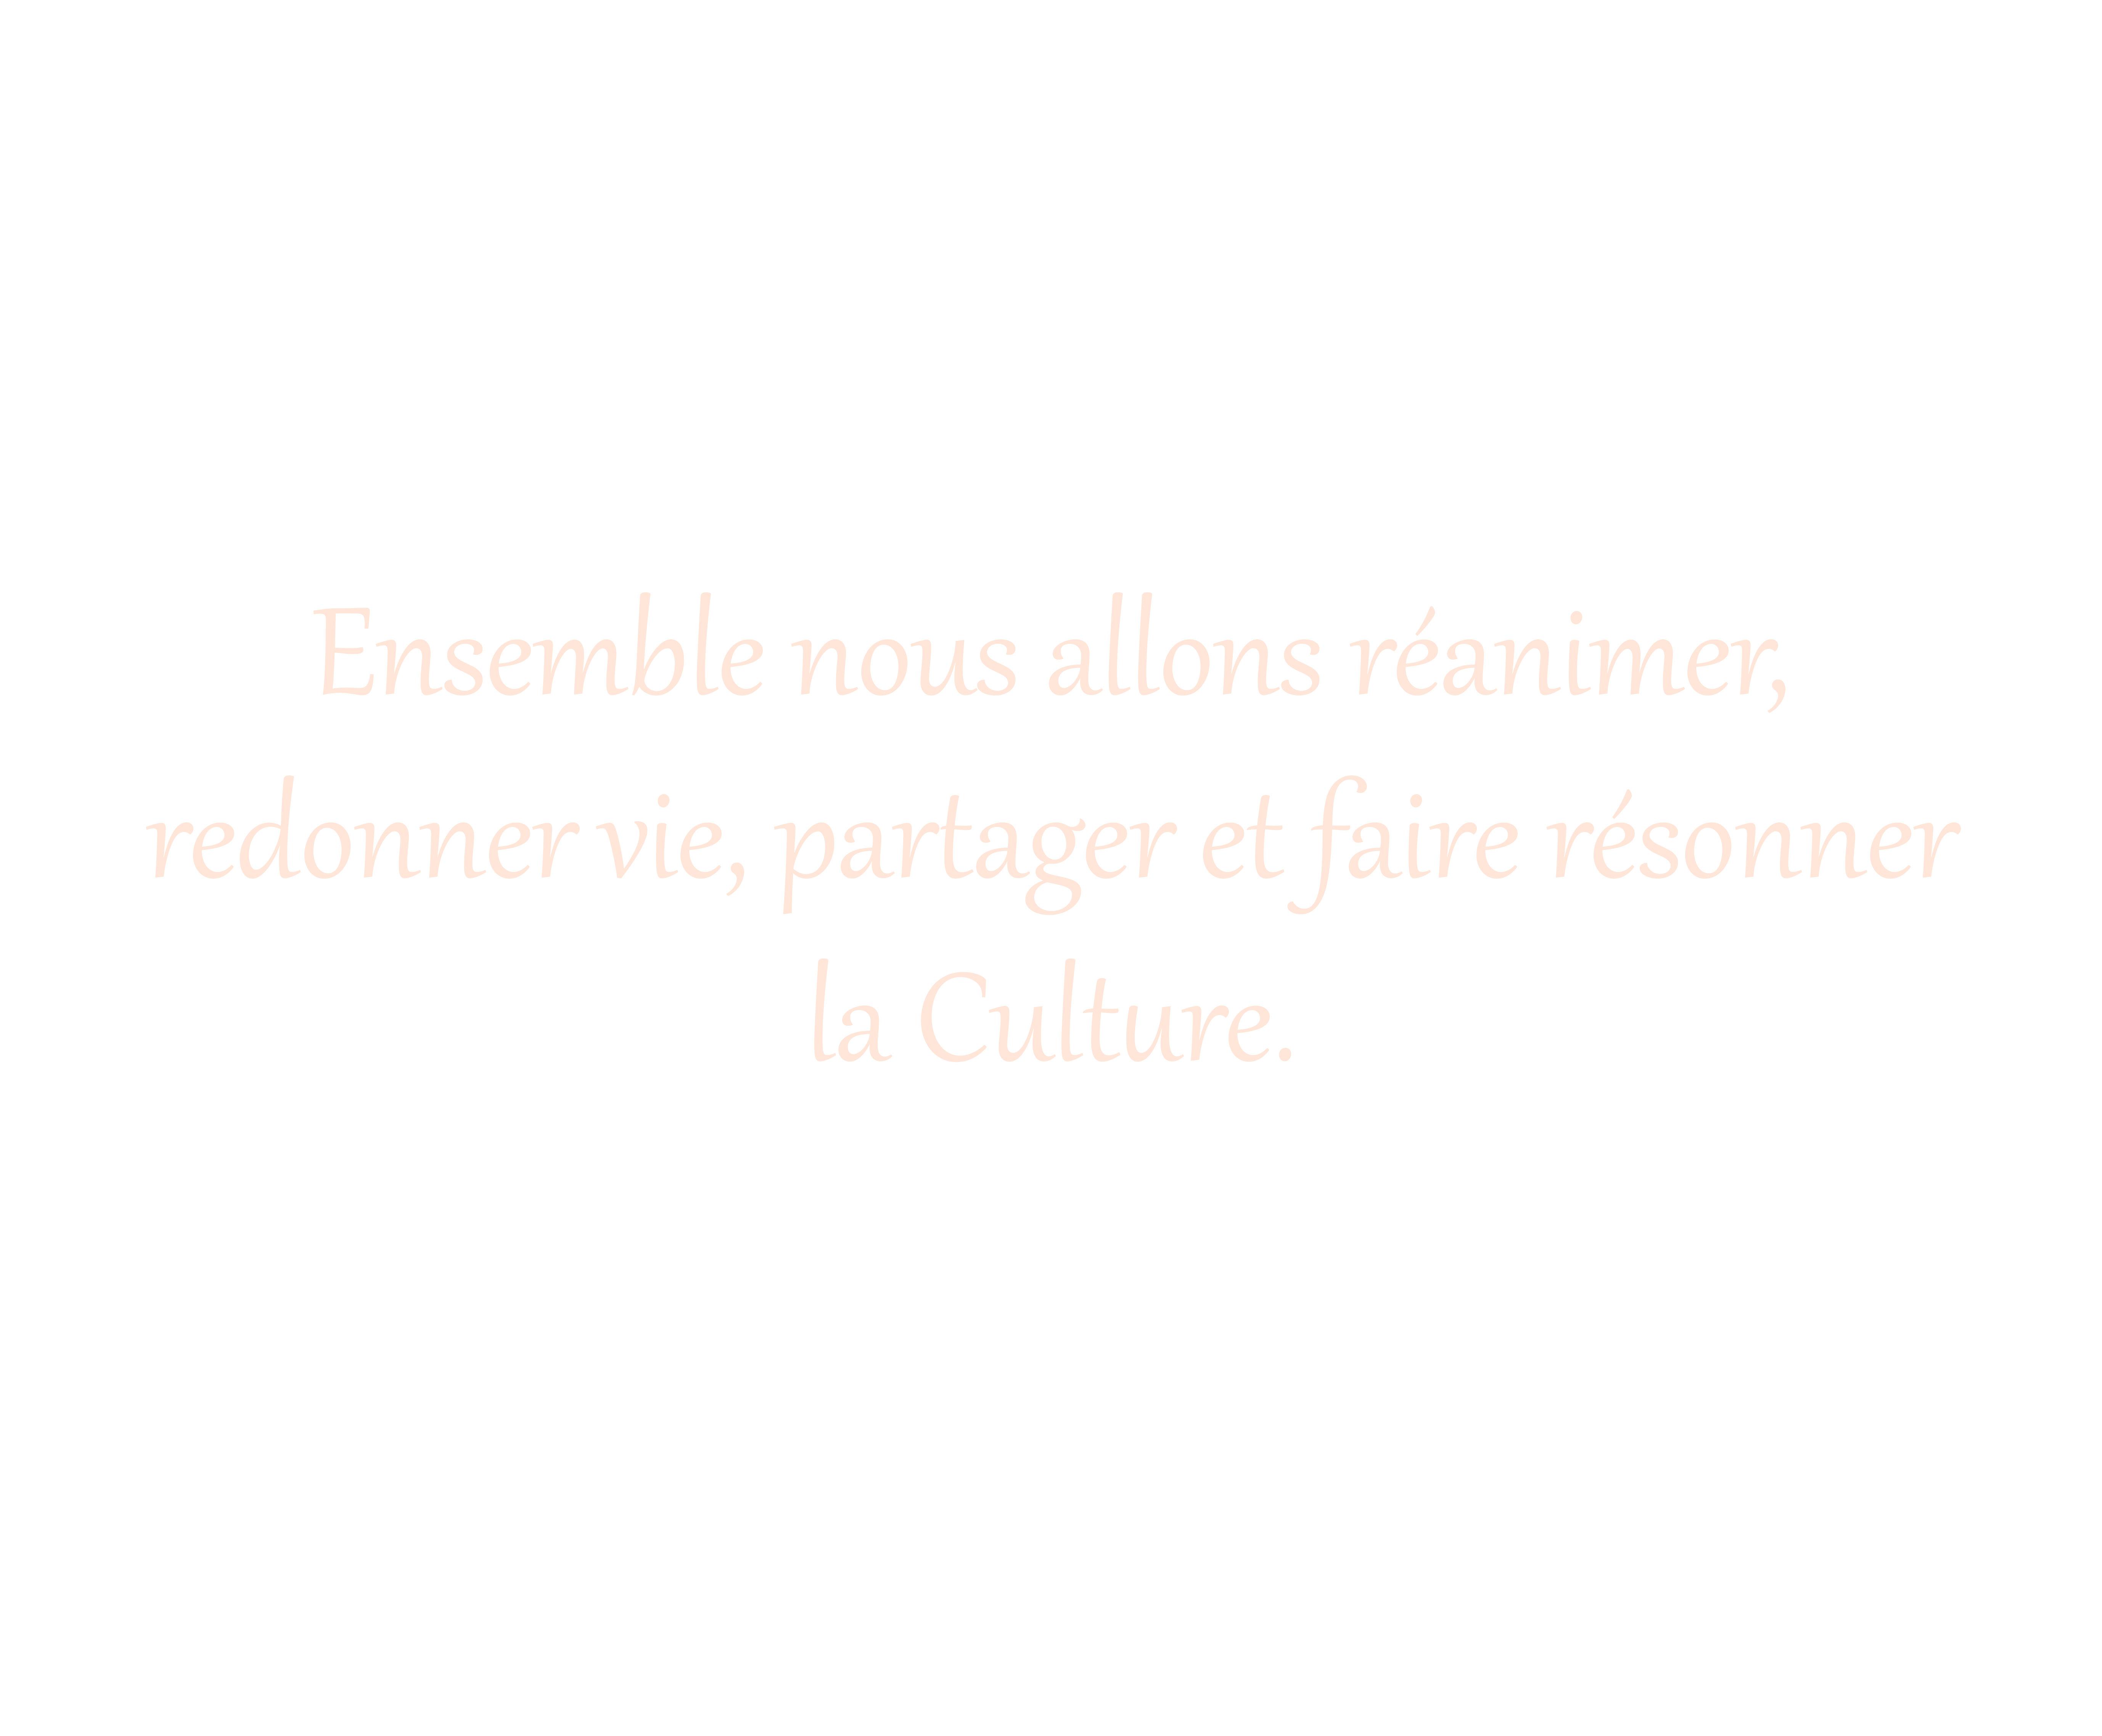 Ensemble nous allons réanimer,  redonner vie, partager et faire résonner  la Culture.